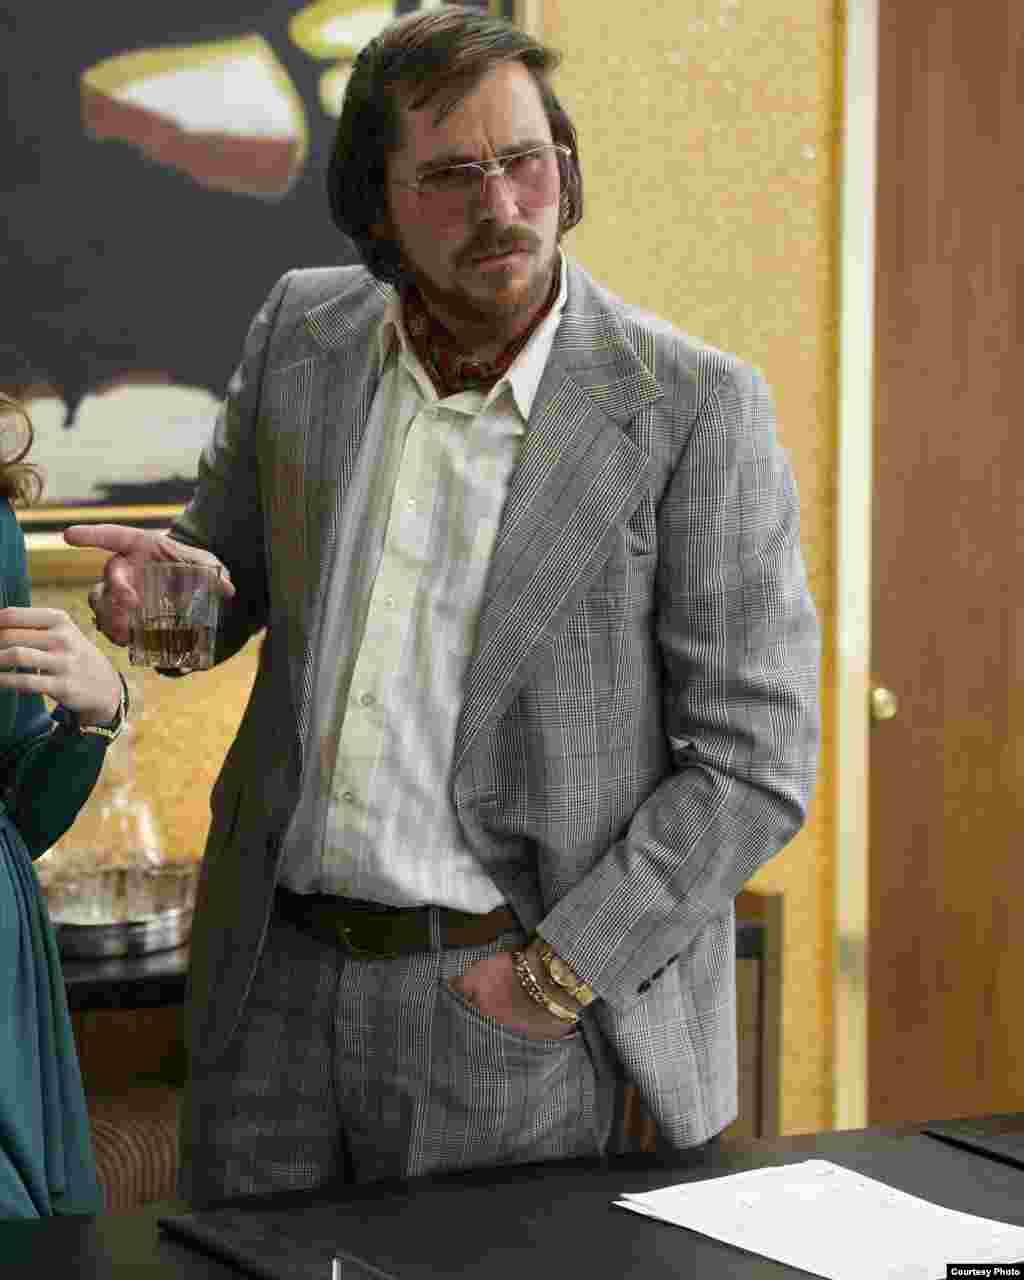 Ամերիկյան կինոակադեմիայի «Օսկարի» 86-րդ մրցանակաբաշխությանն առաջարդվածները ներկայացվել են Լոս Անջելեսում